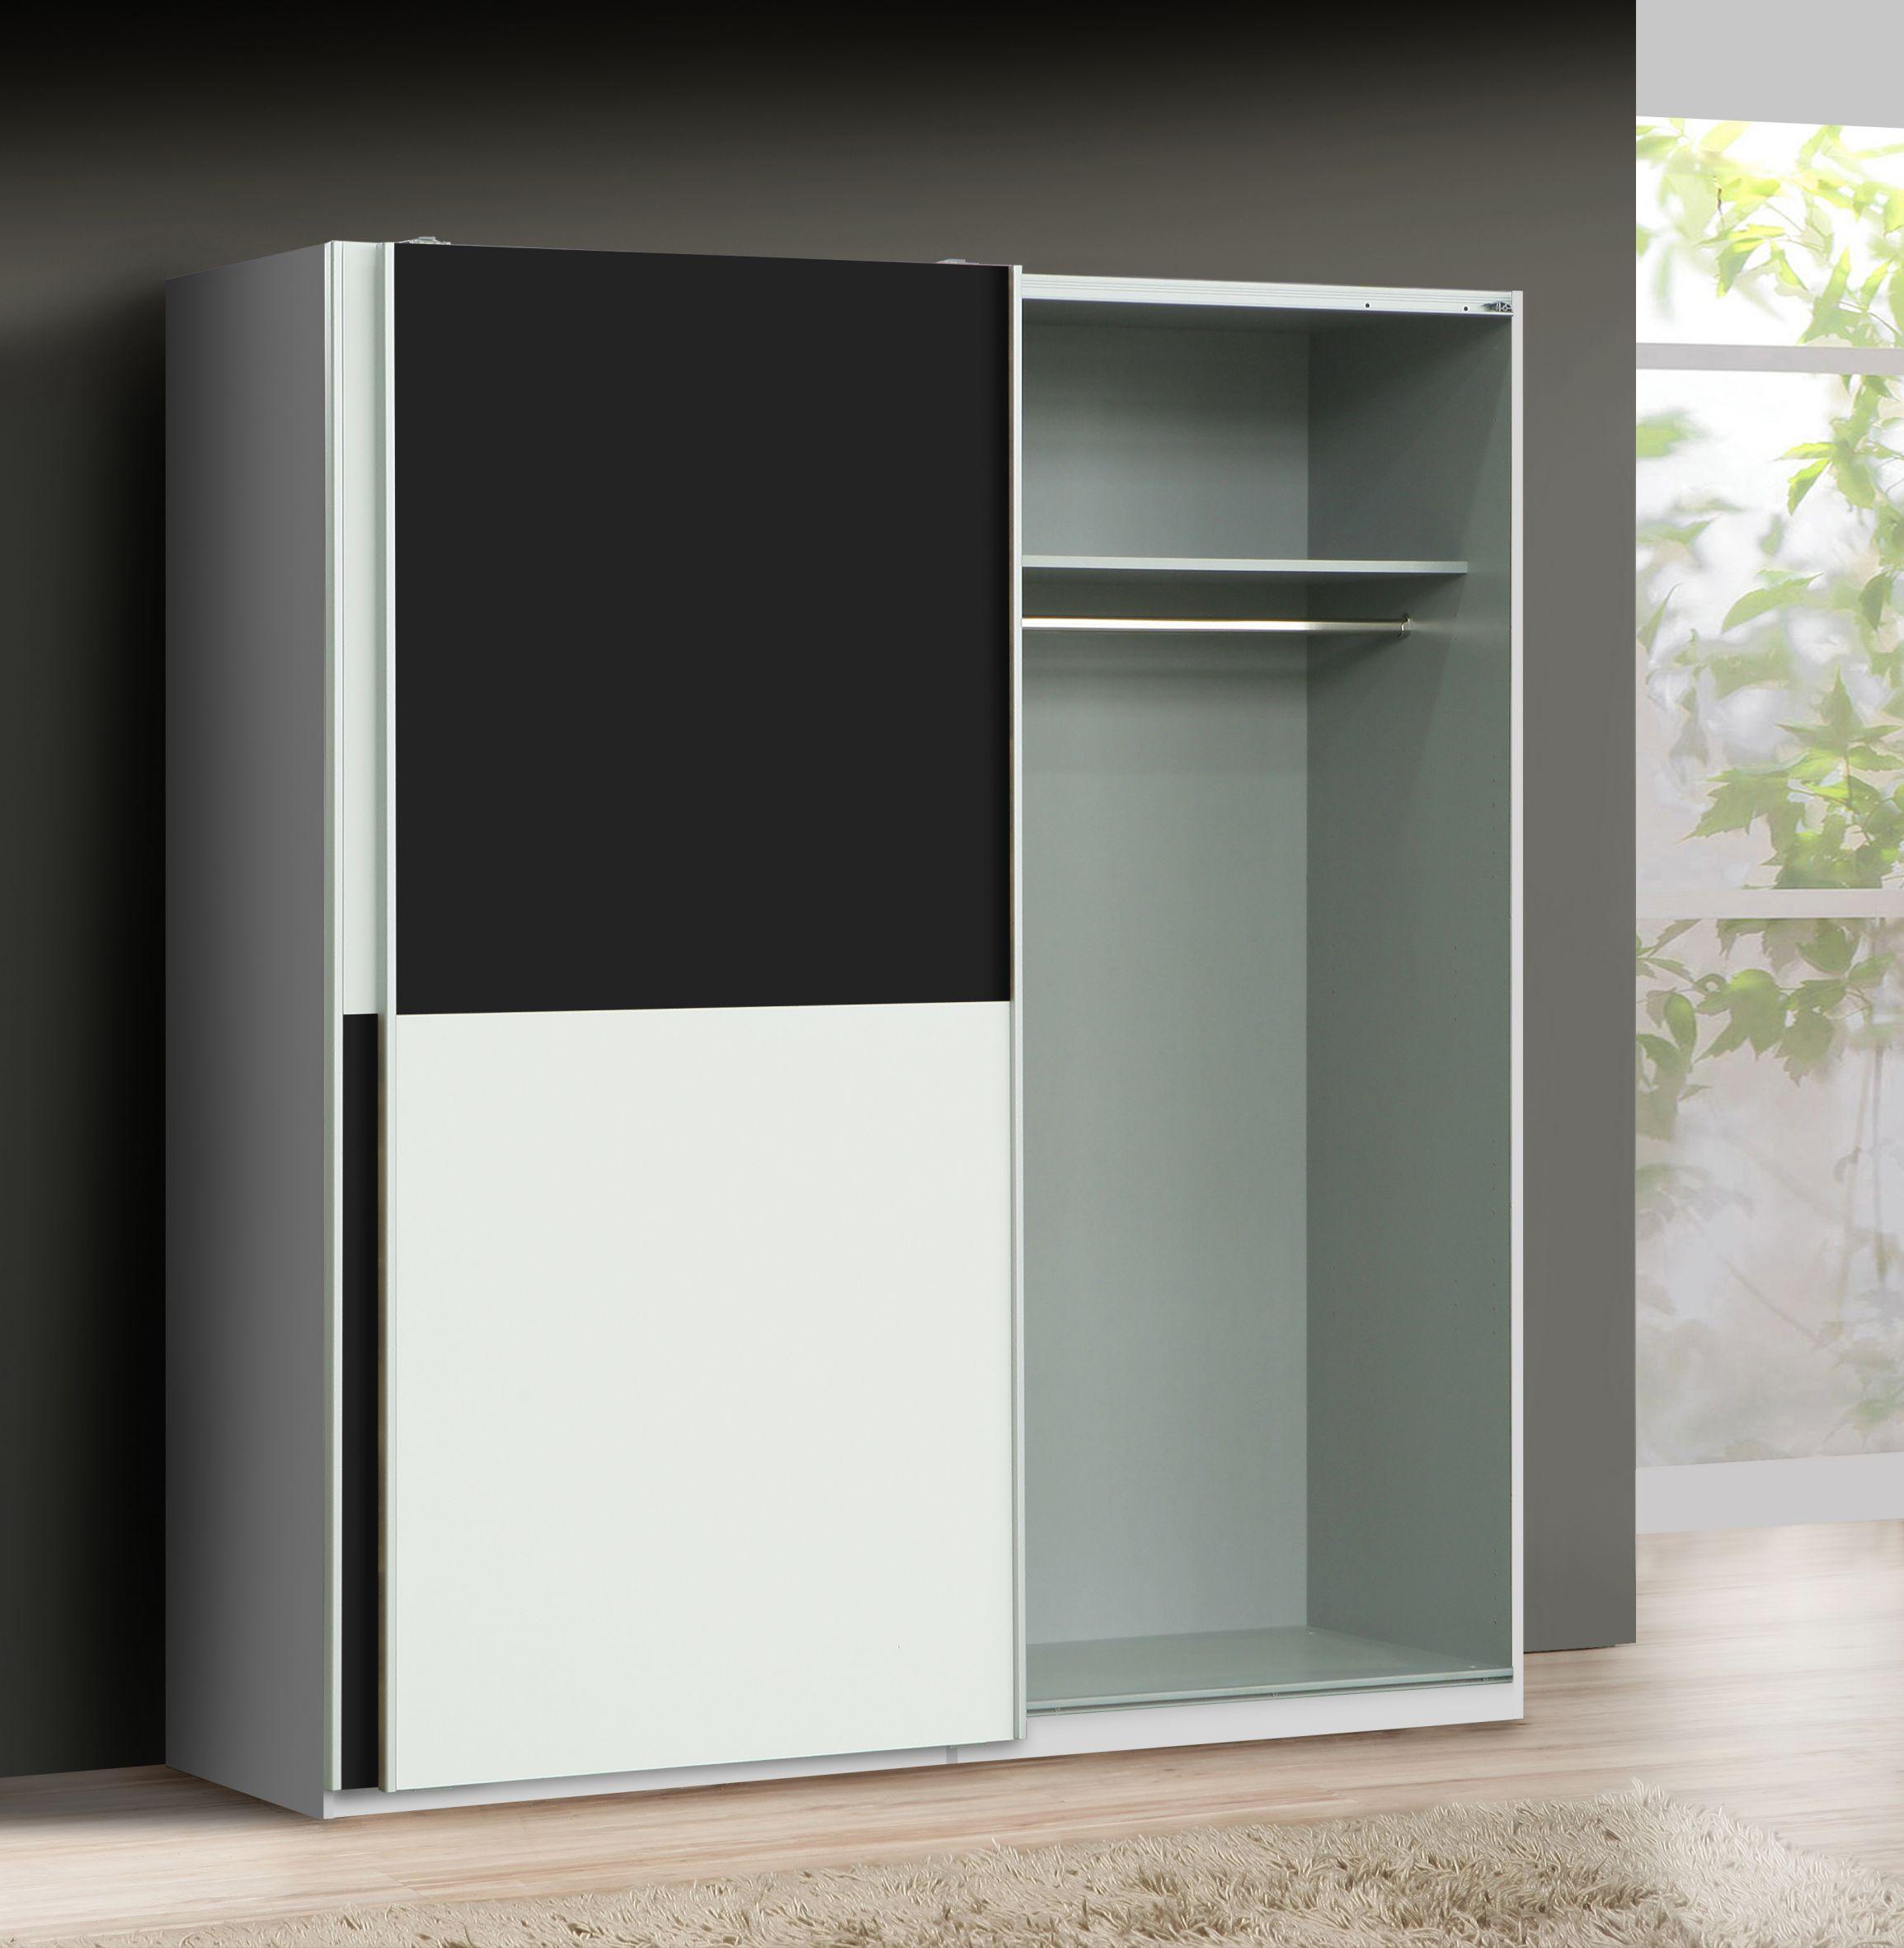 schwebet renschrank express von forte schwarz weiss. Black Bedroom Furniture Sets. Home Design Ideas